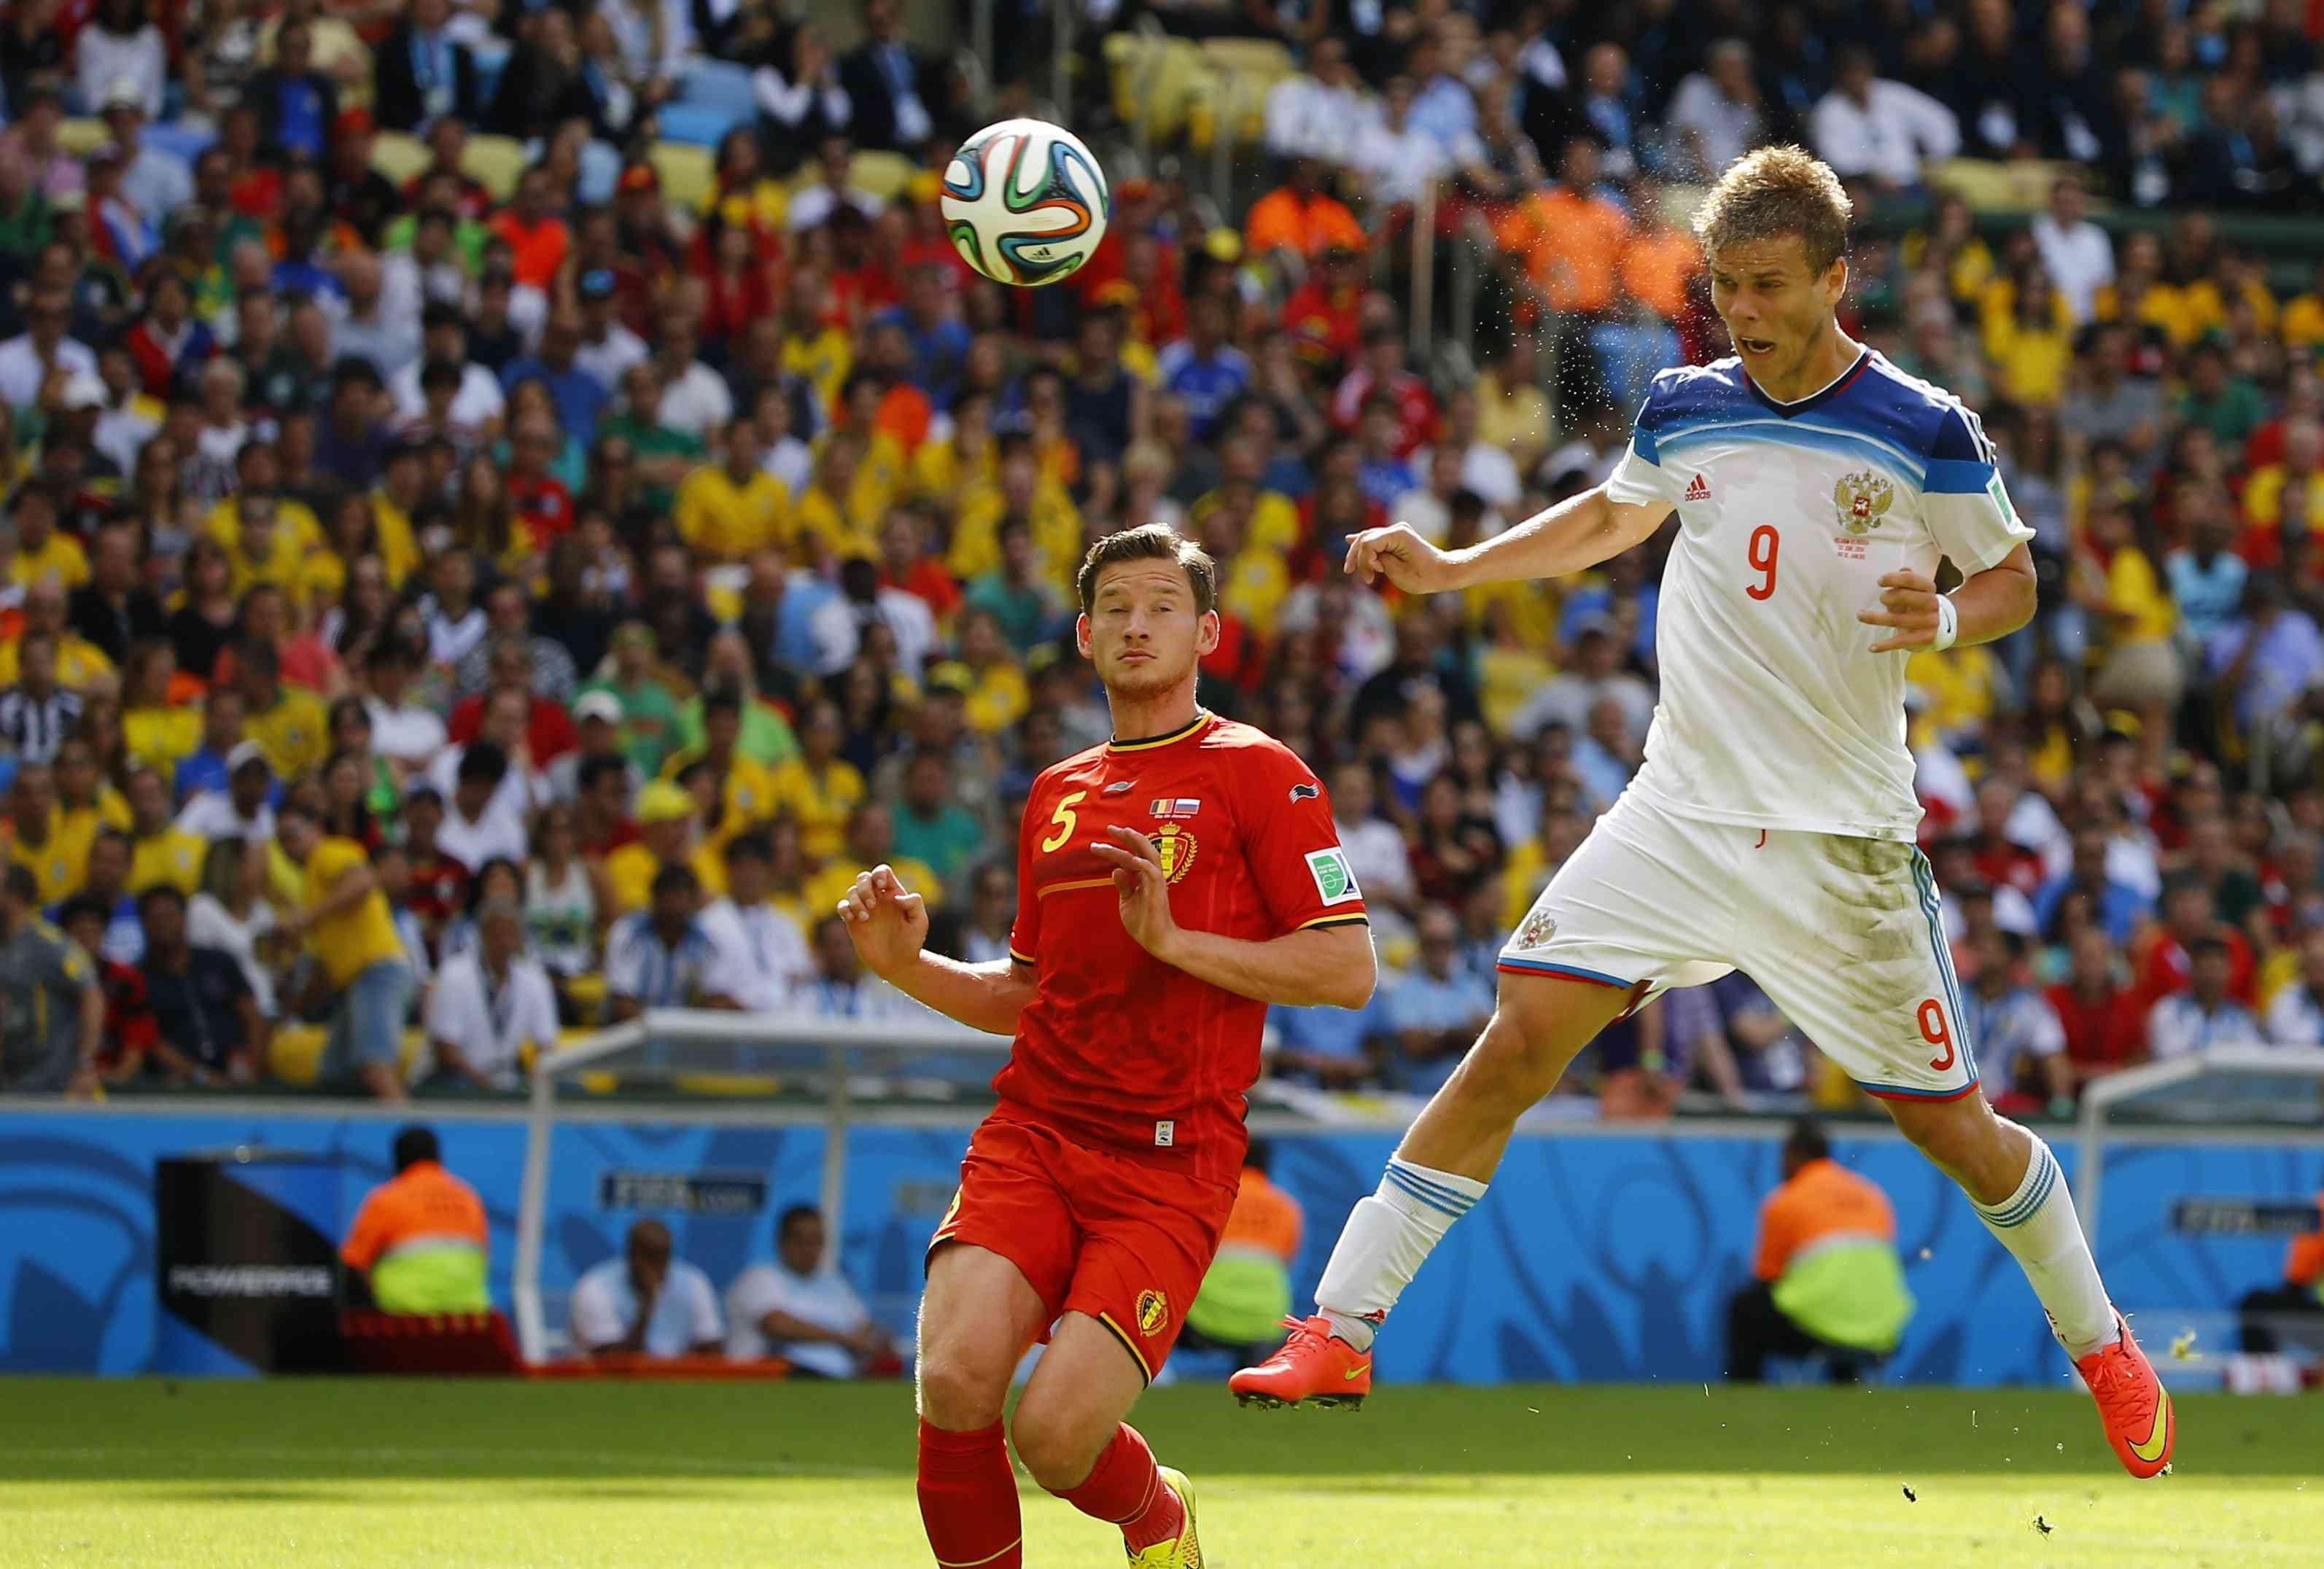 мира видео чемпионат футбол россия бельгия